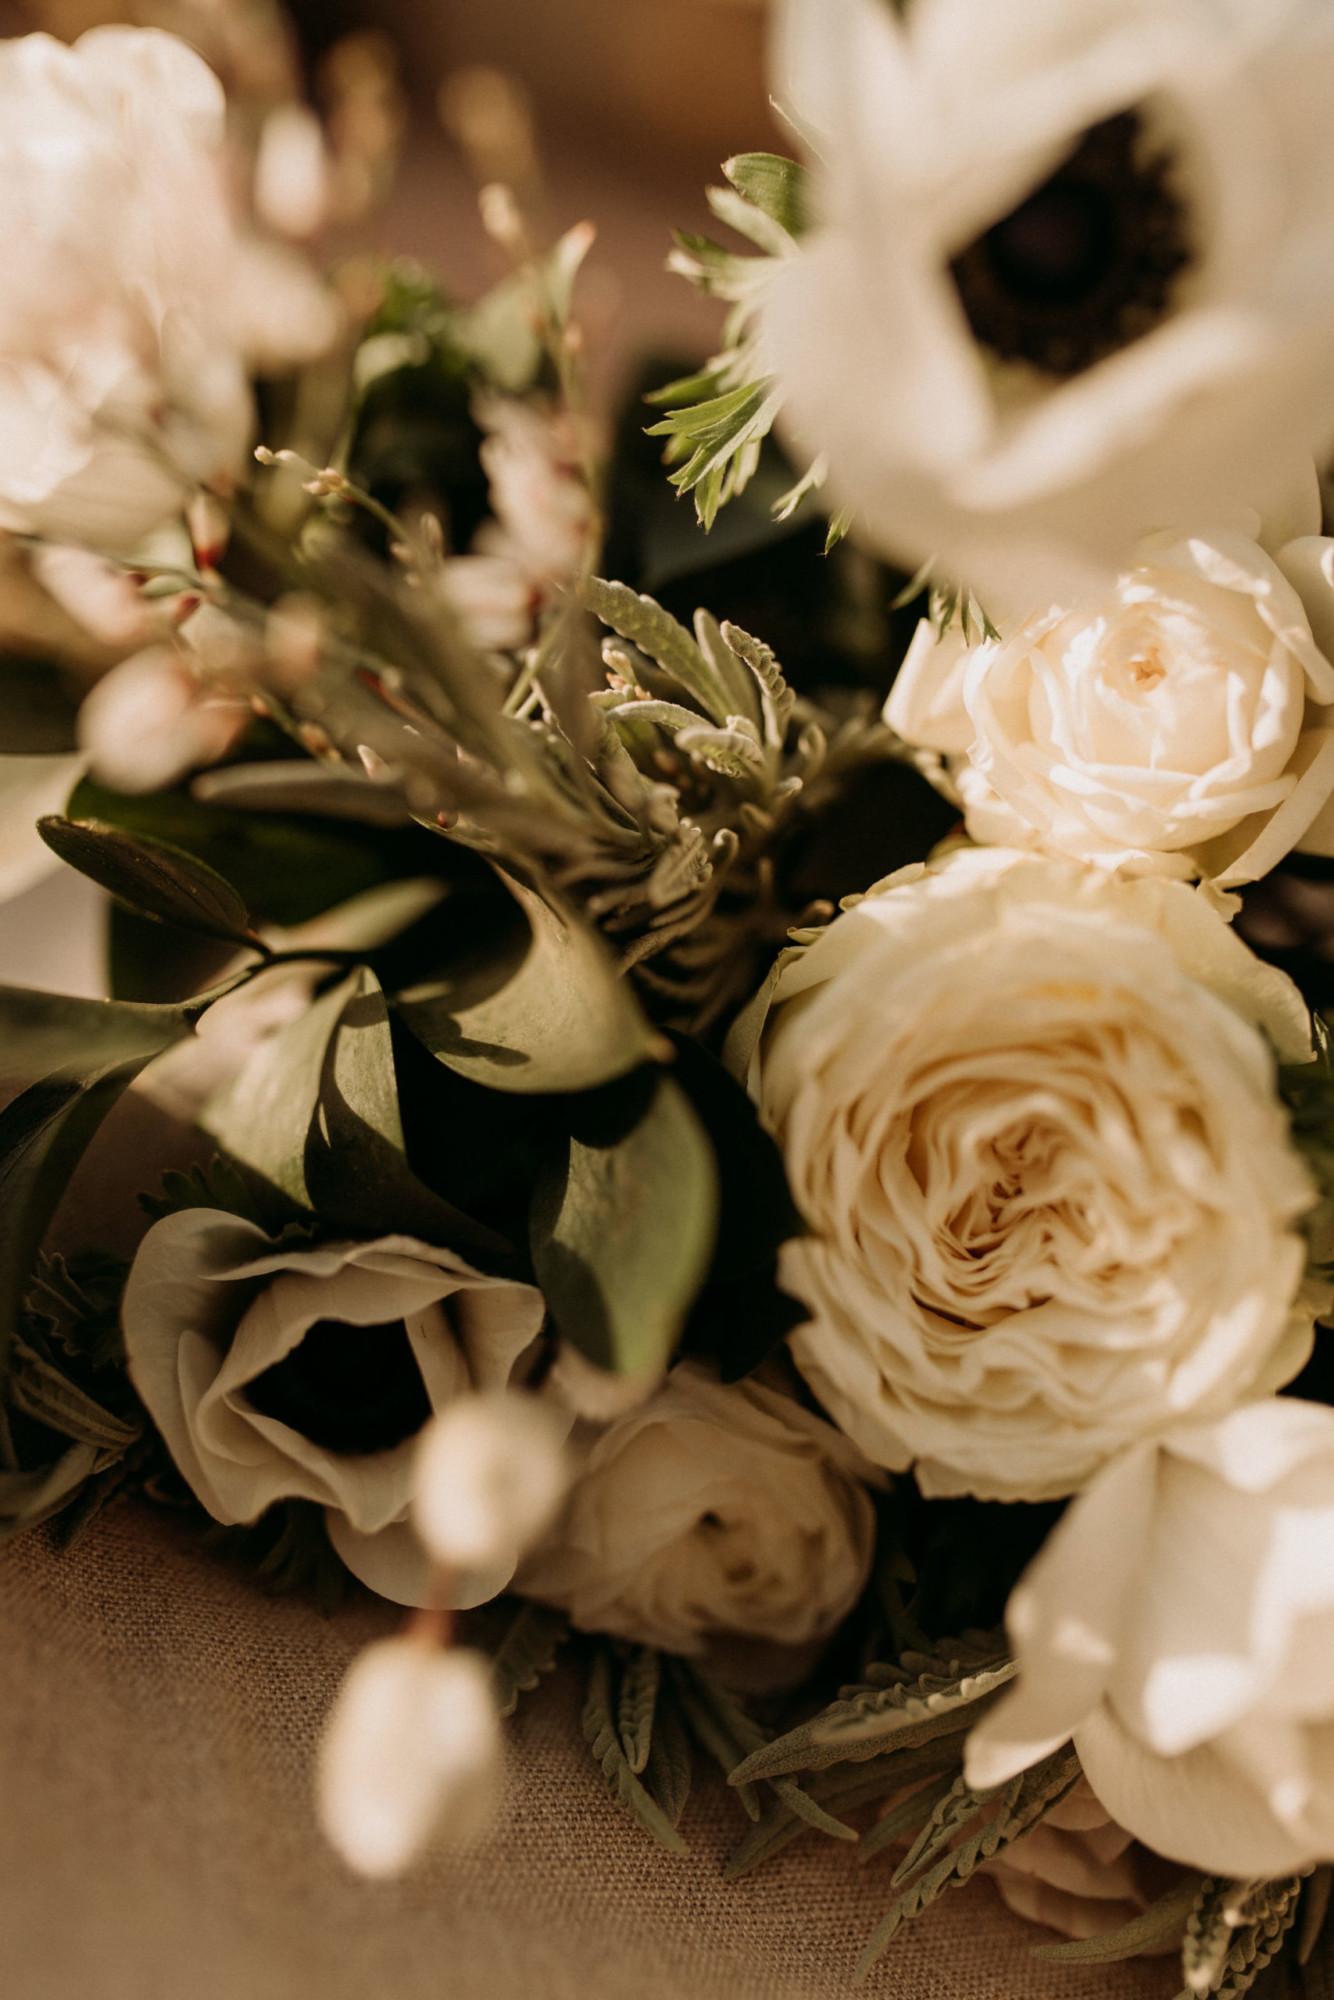 Domaine verderonne mariage bouquet